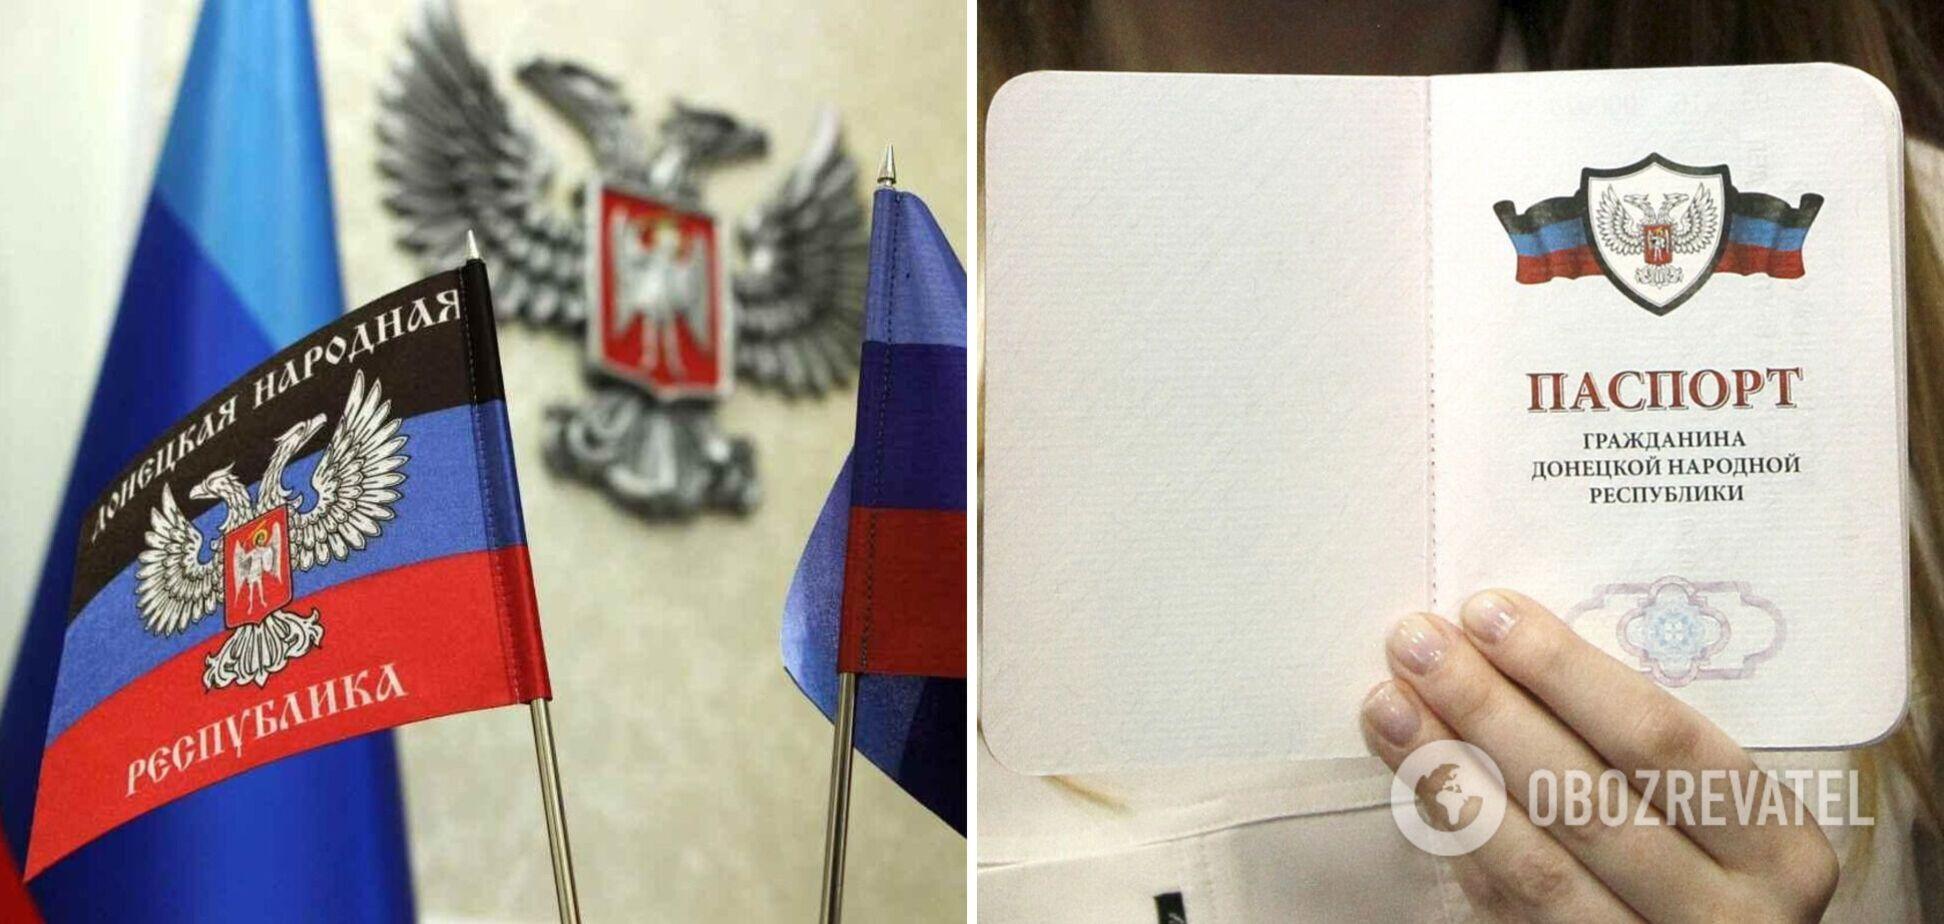 У РФ пообіцяли до кінця року вдвічі збільшити кількість паспортів, виданих жителям Донбасу